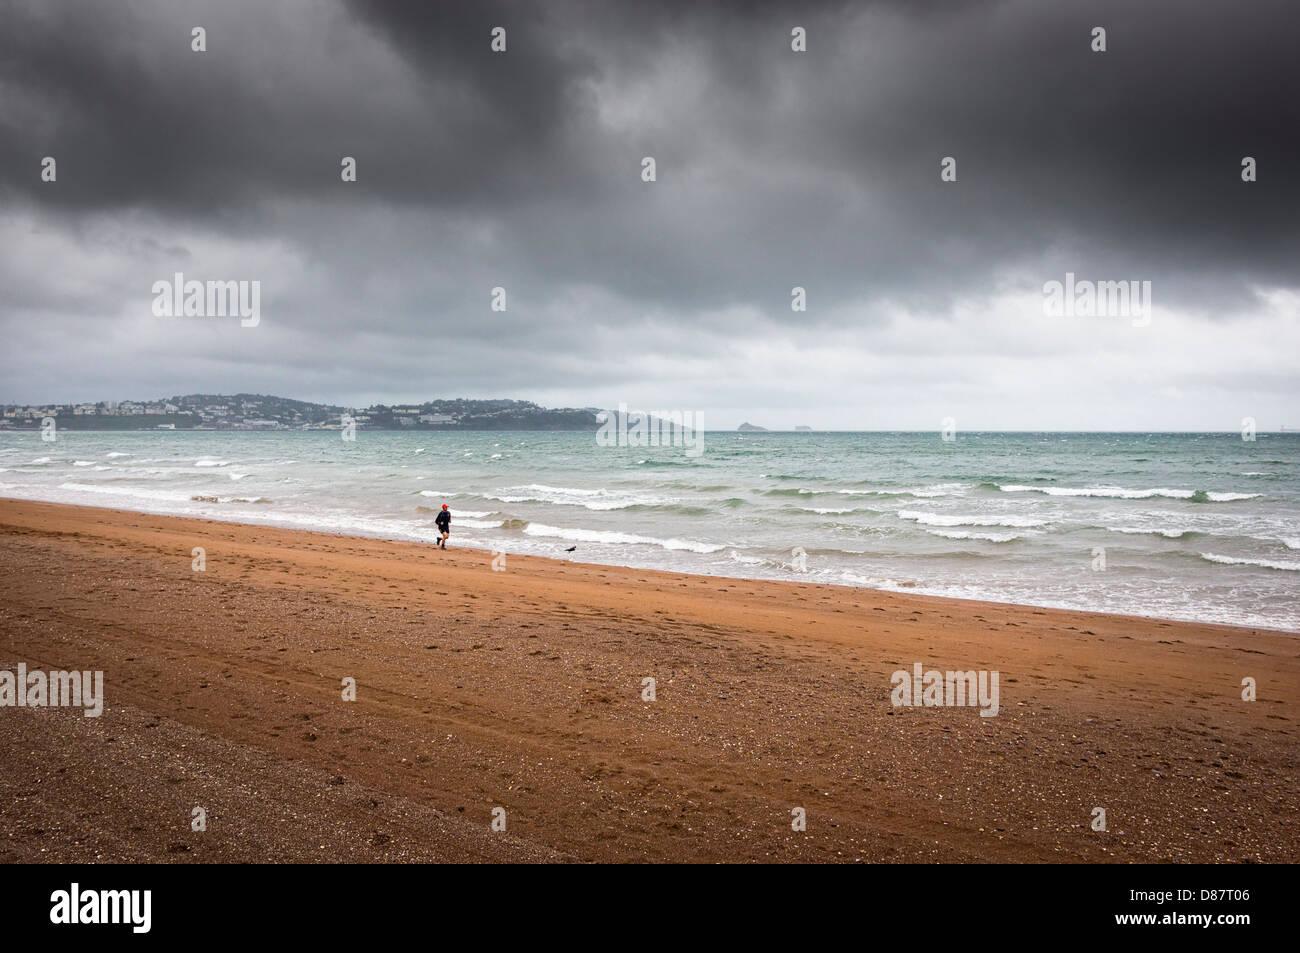 Läufer auf Paignton Beach im Regen mit Gewitterhimmel, Devon Küste, England, UK im Frühjahr/Sommer Stockbild